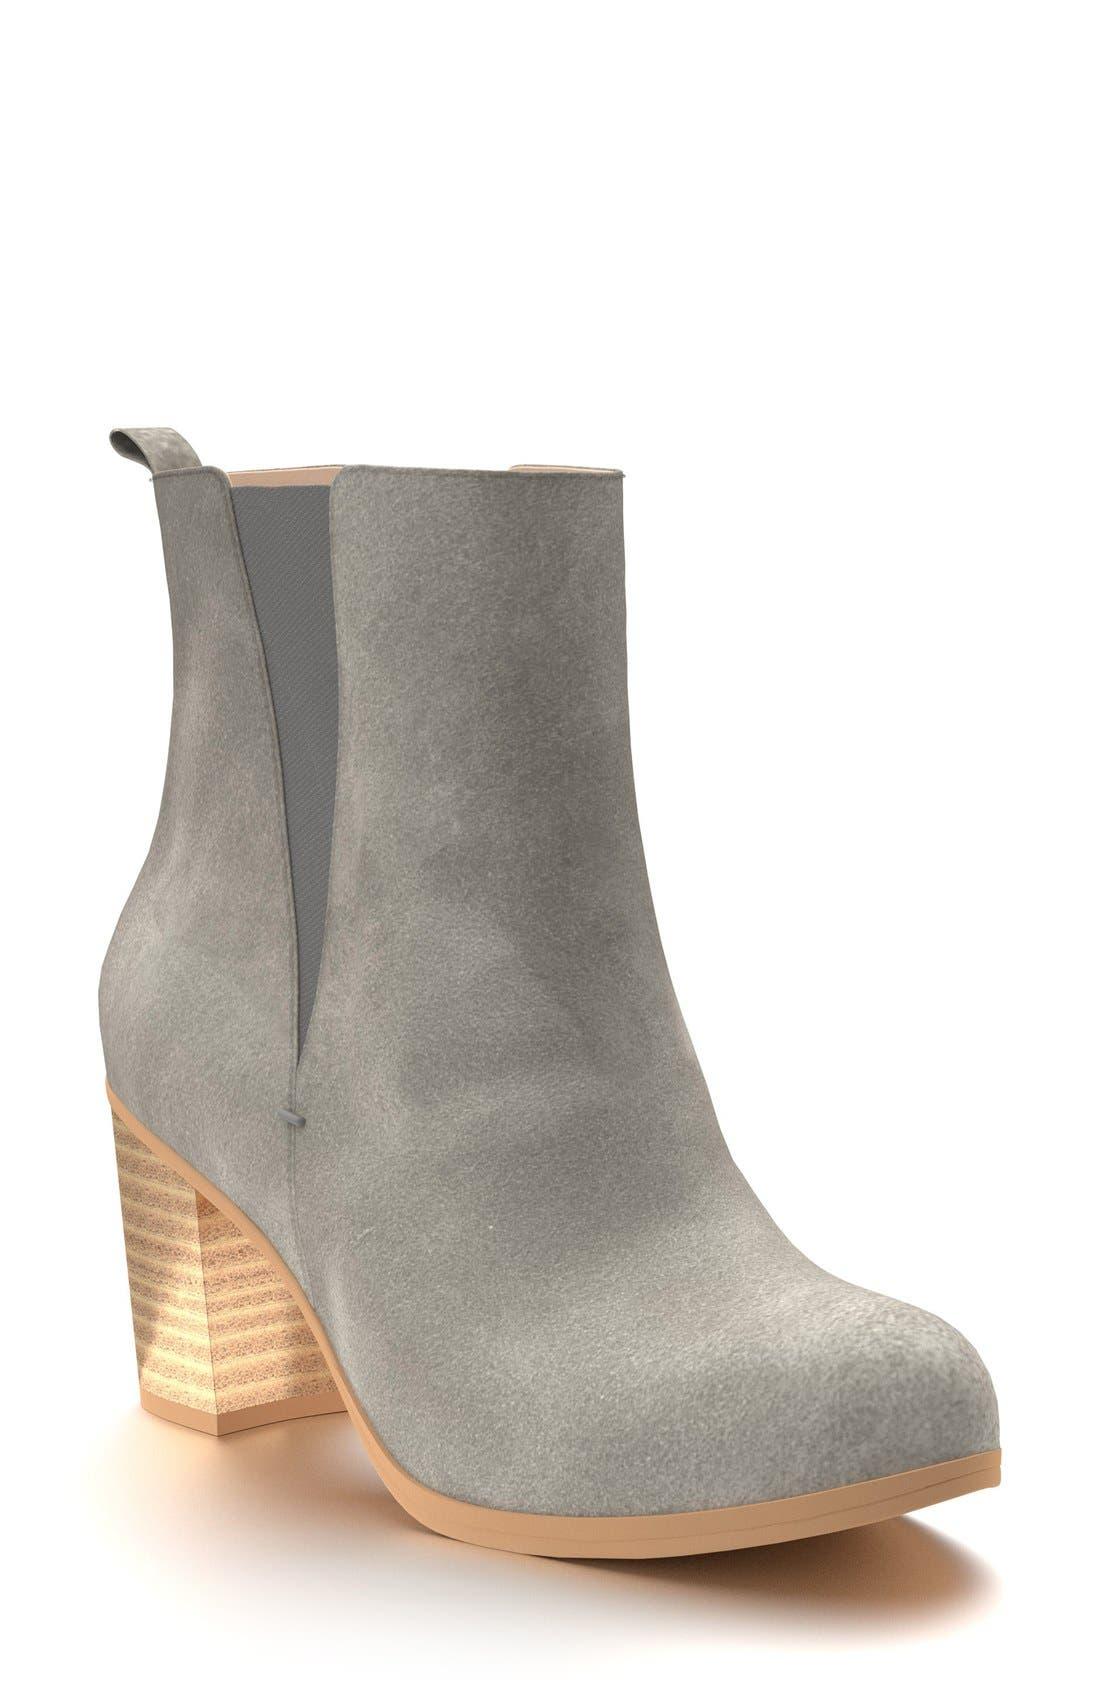 Main Image - Shoes of Prey Block Heel Chelsea Boot (Women)